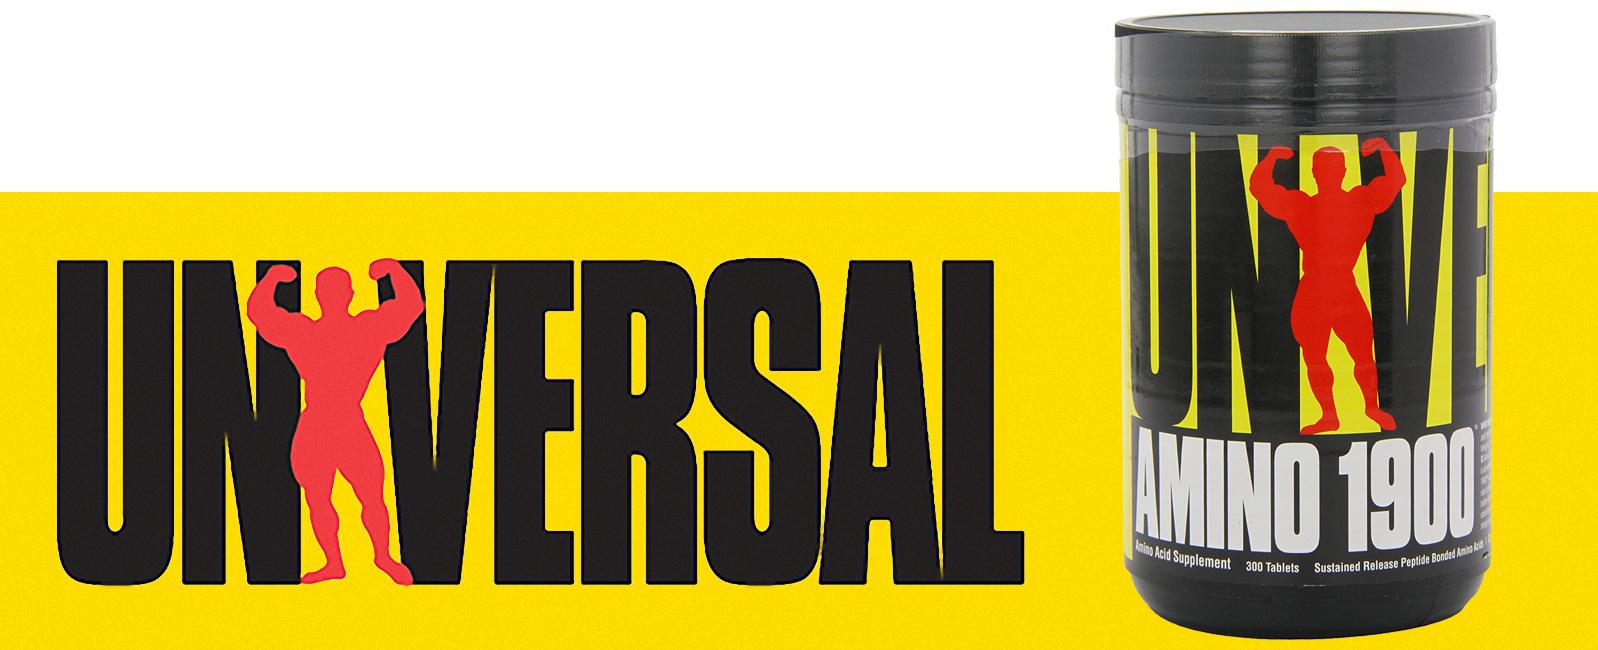 عکس بررسی ۷ مکمل برتر و با کیفیت کمپانی معتبر Universal Nutrition